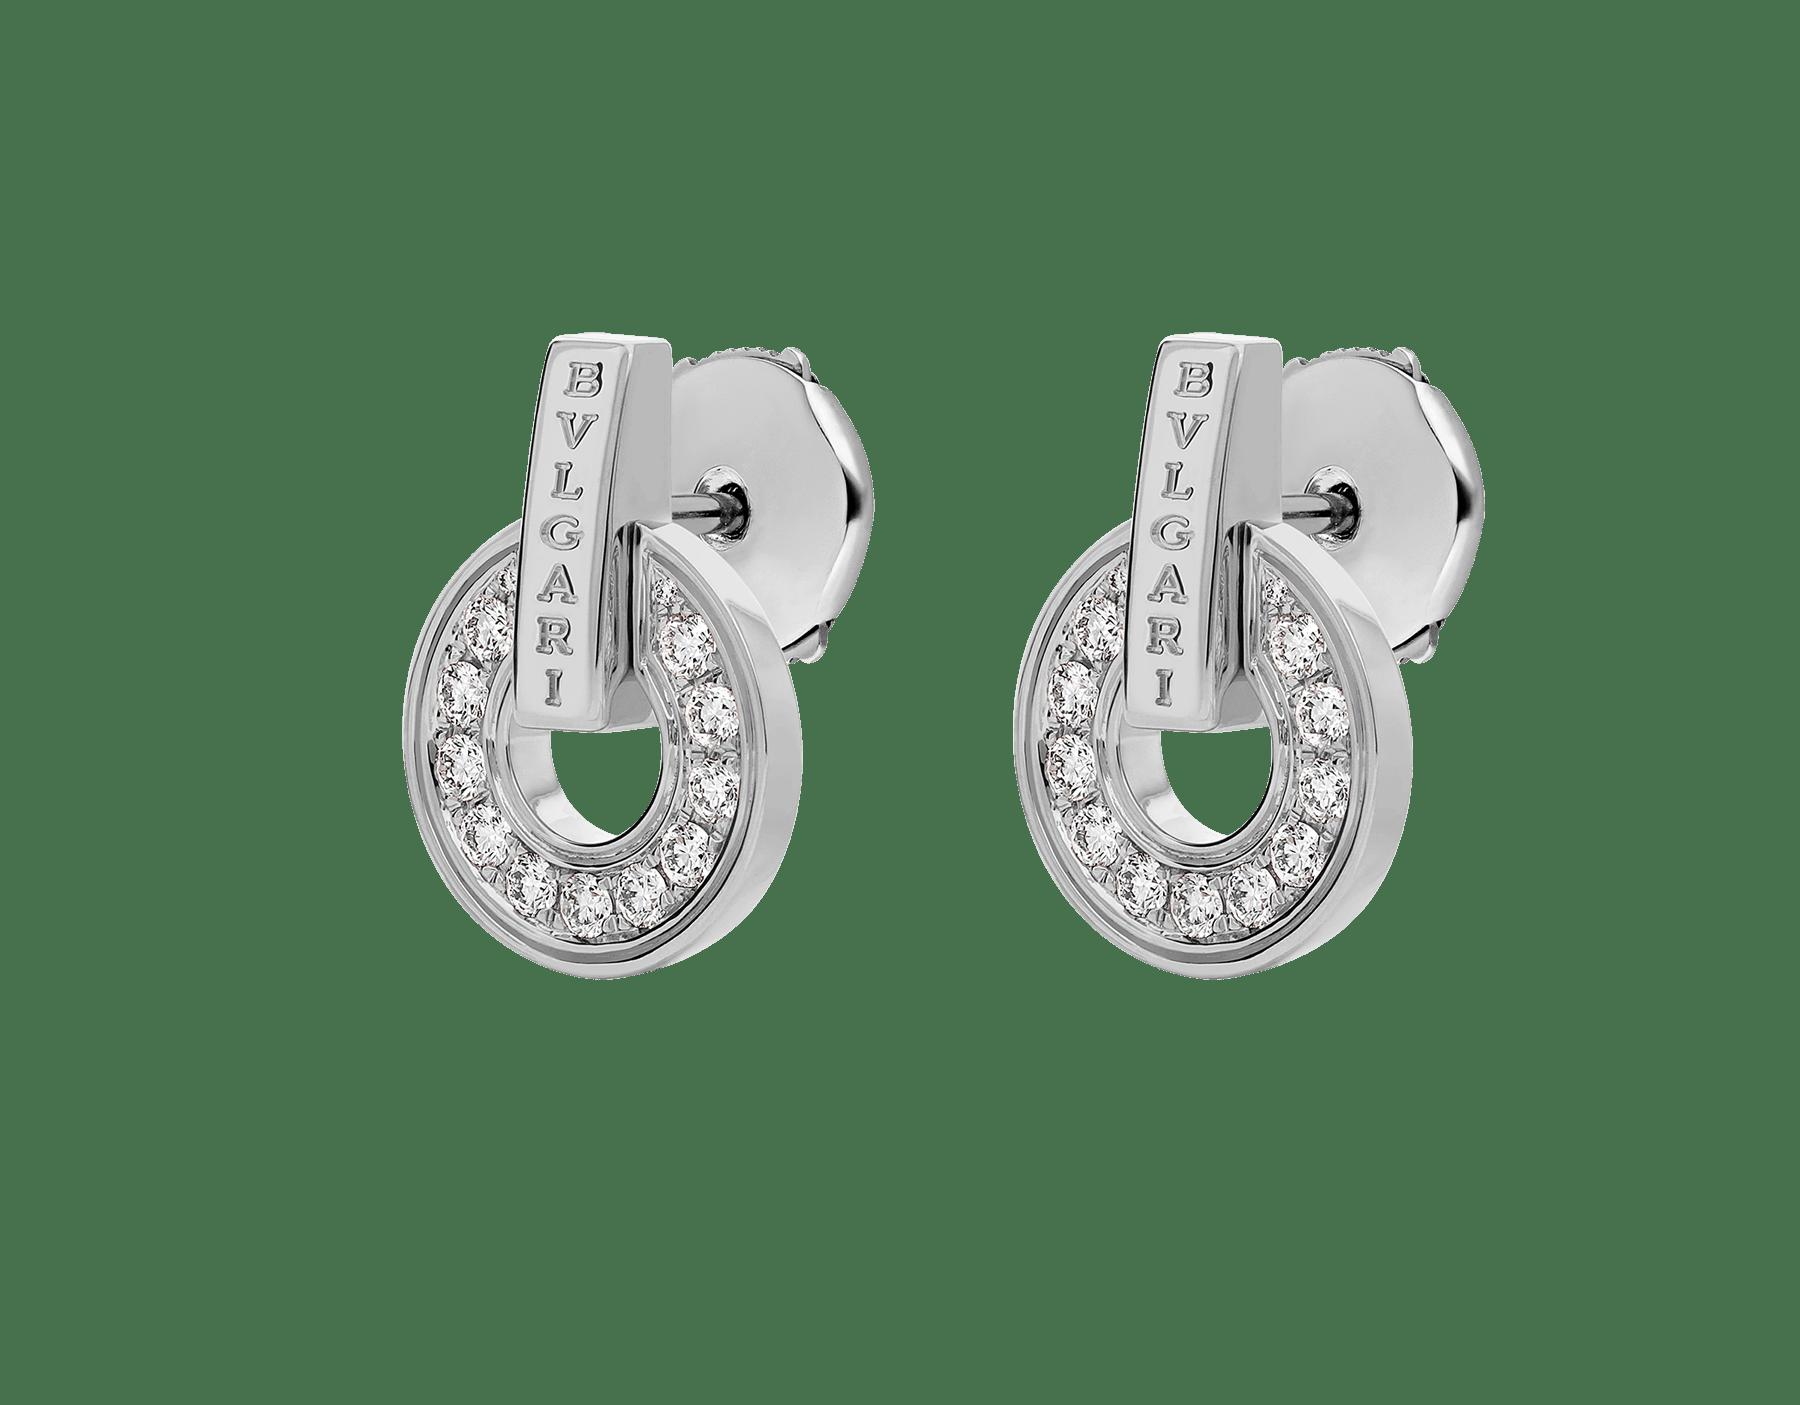 Orecchini BVLGARI BVLGARI Openwork in oro bianco 18 kt con pavé di diamanti. 357940 image 2